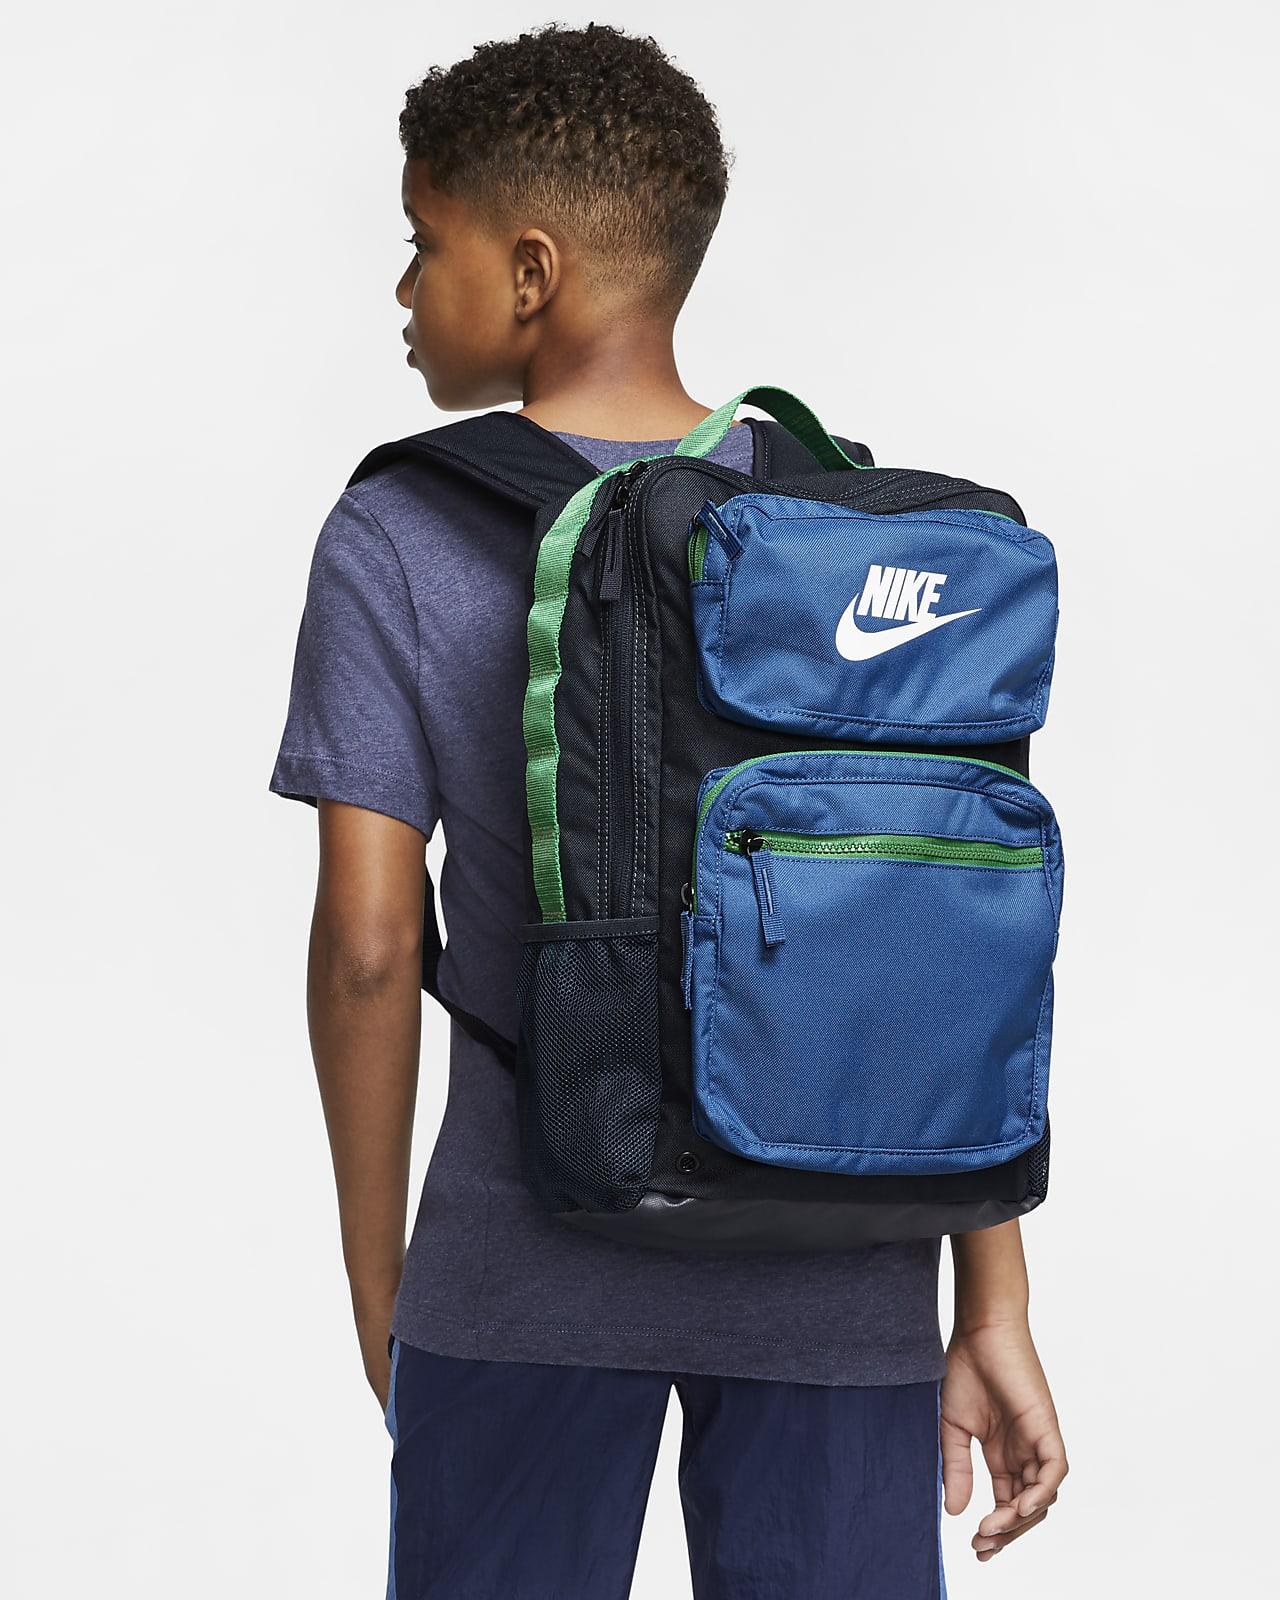 Nike Future Pro gyerekhátizsák